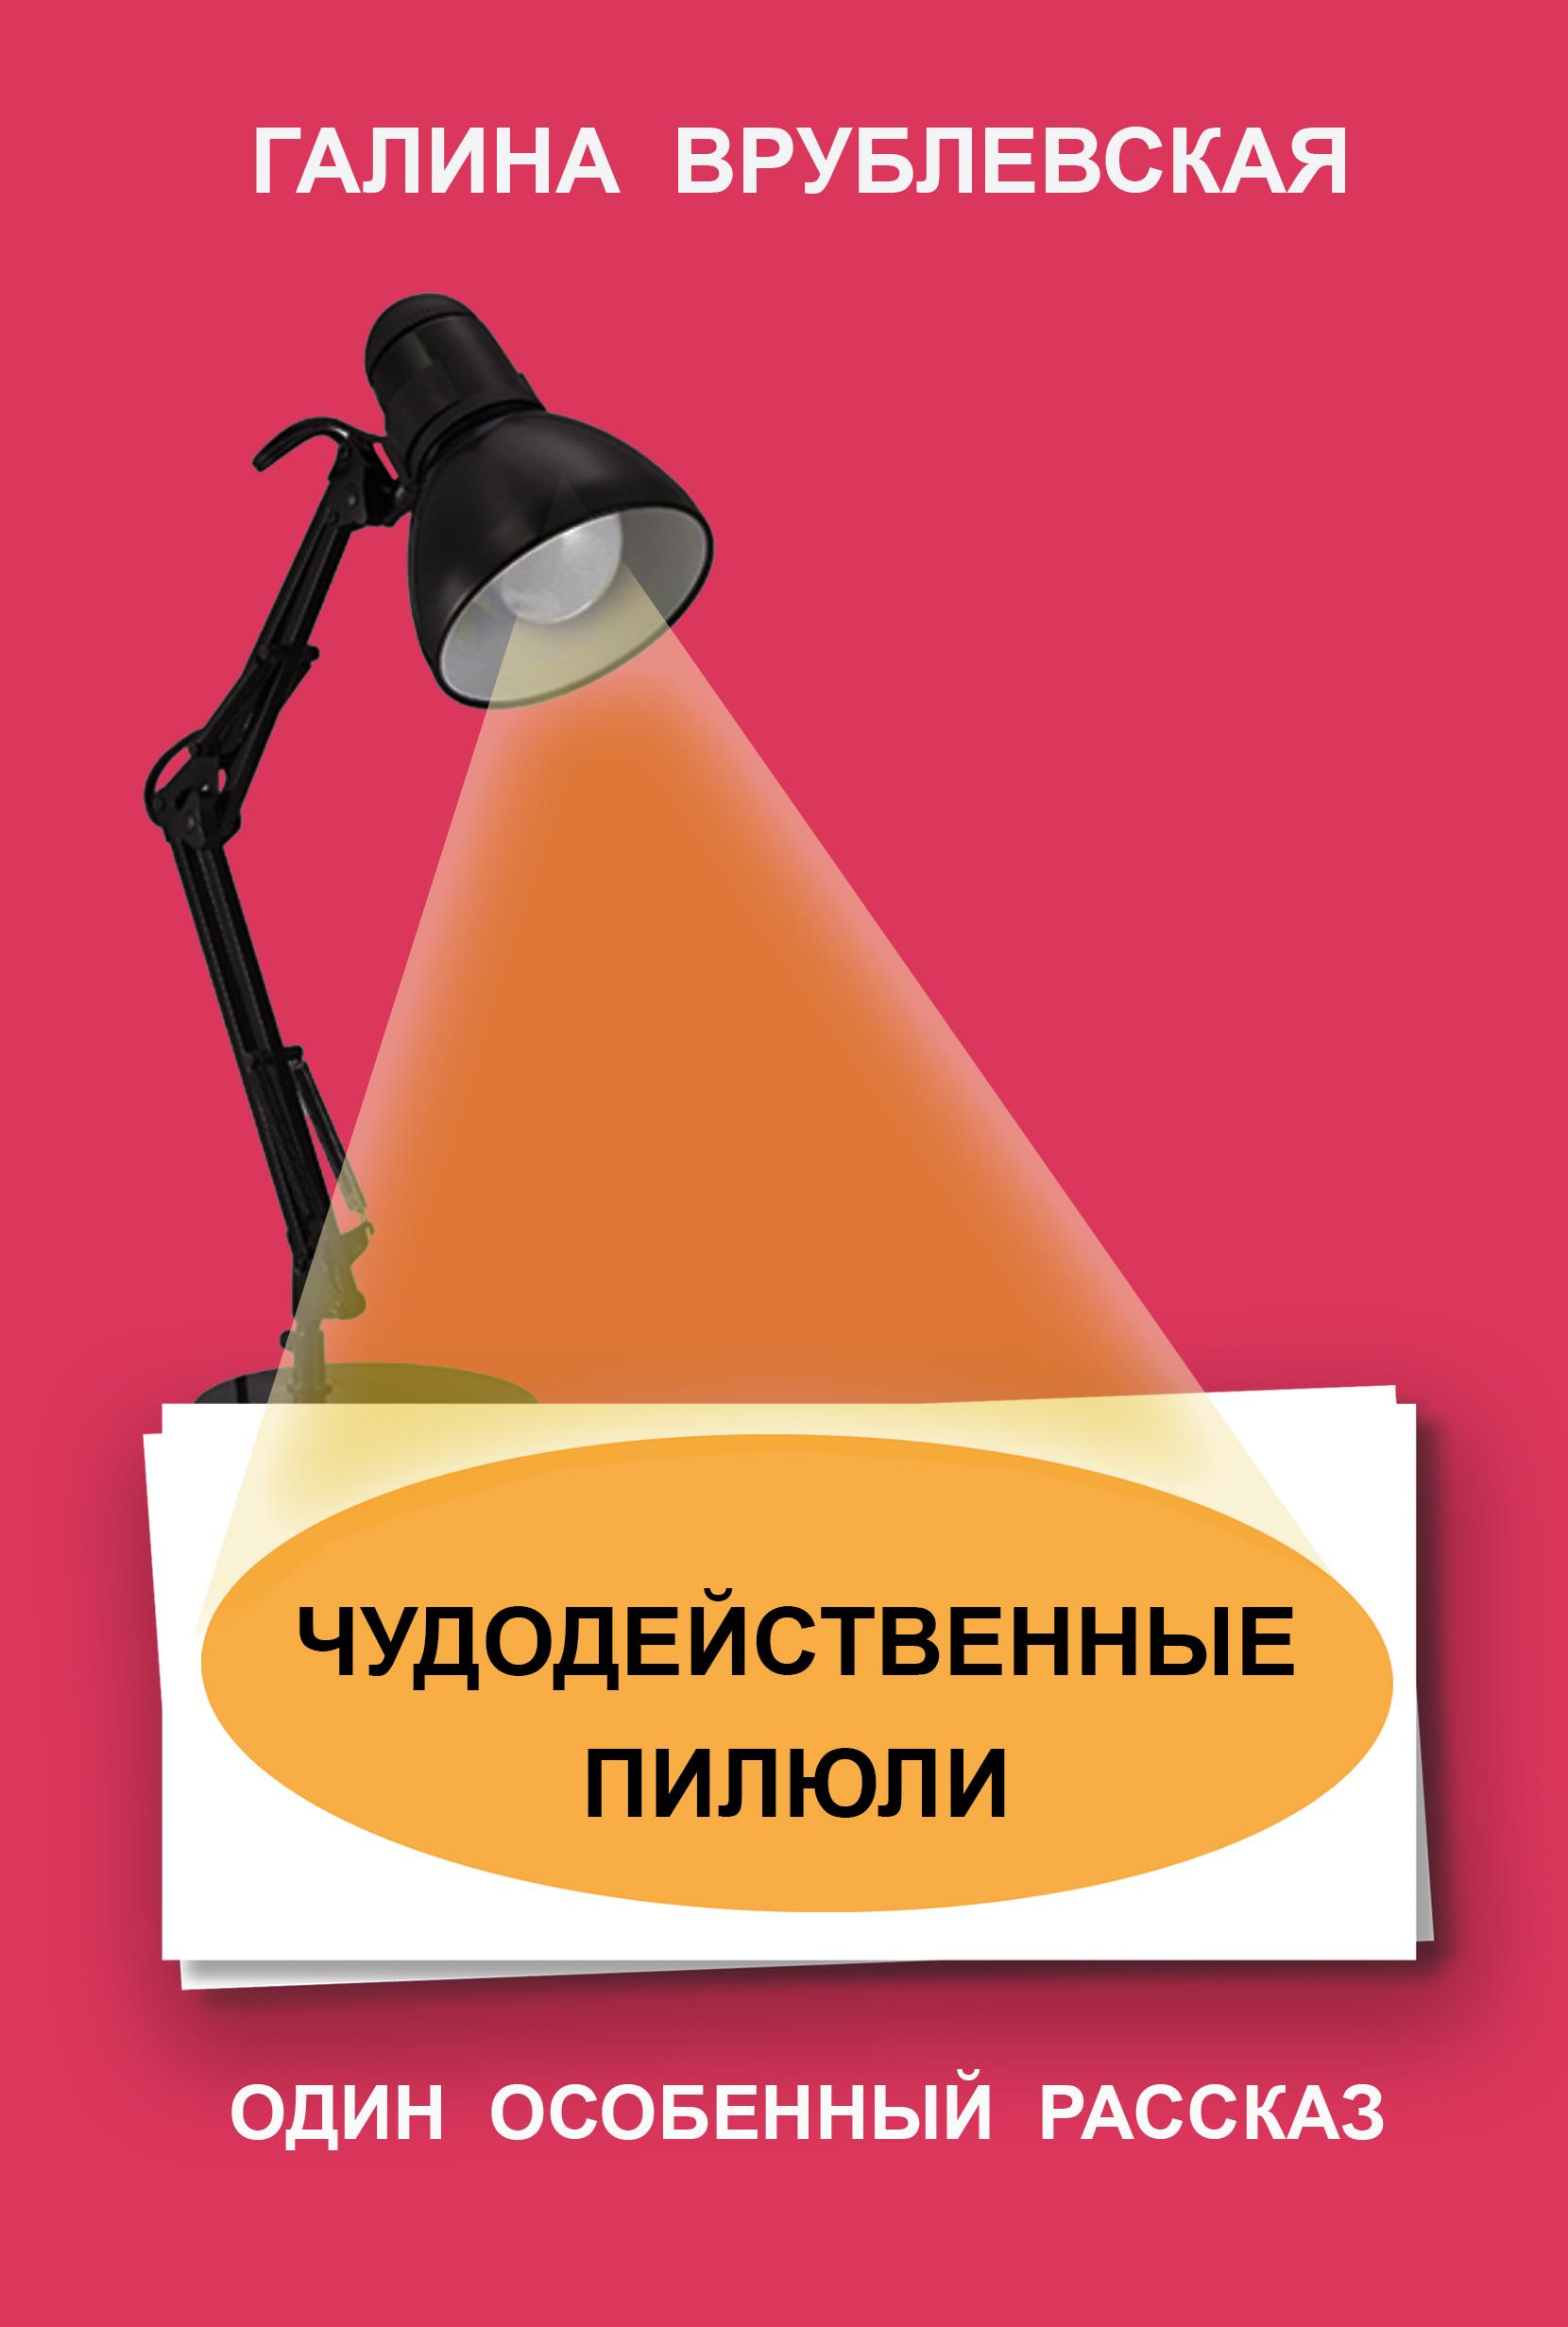 Галина Врублевская Чудодейственные пилюли estello сабо estello 161481 ll 08